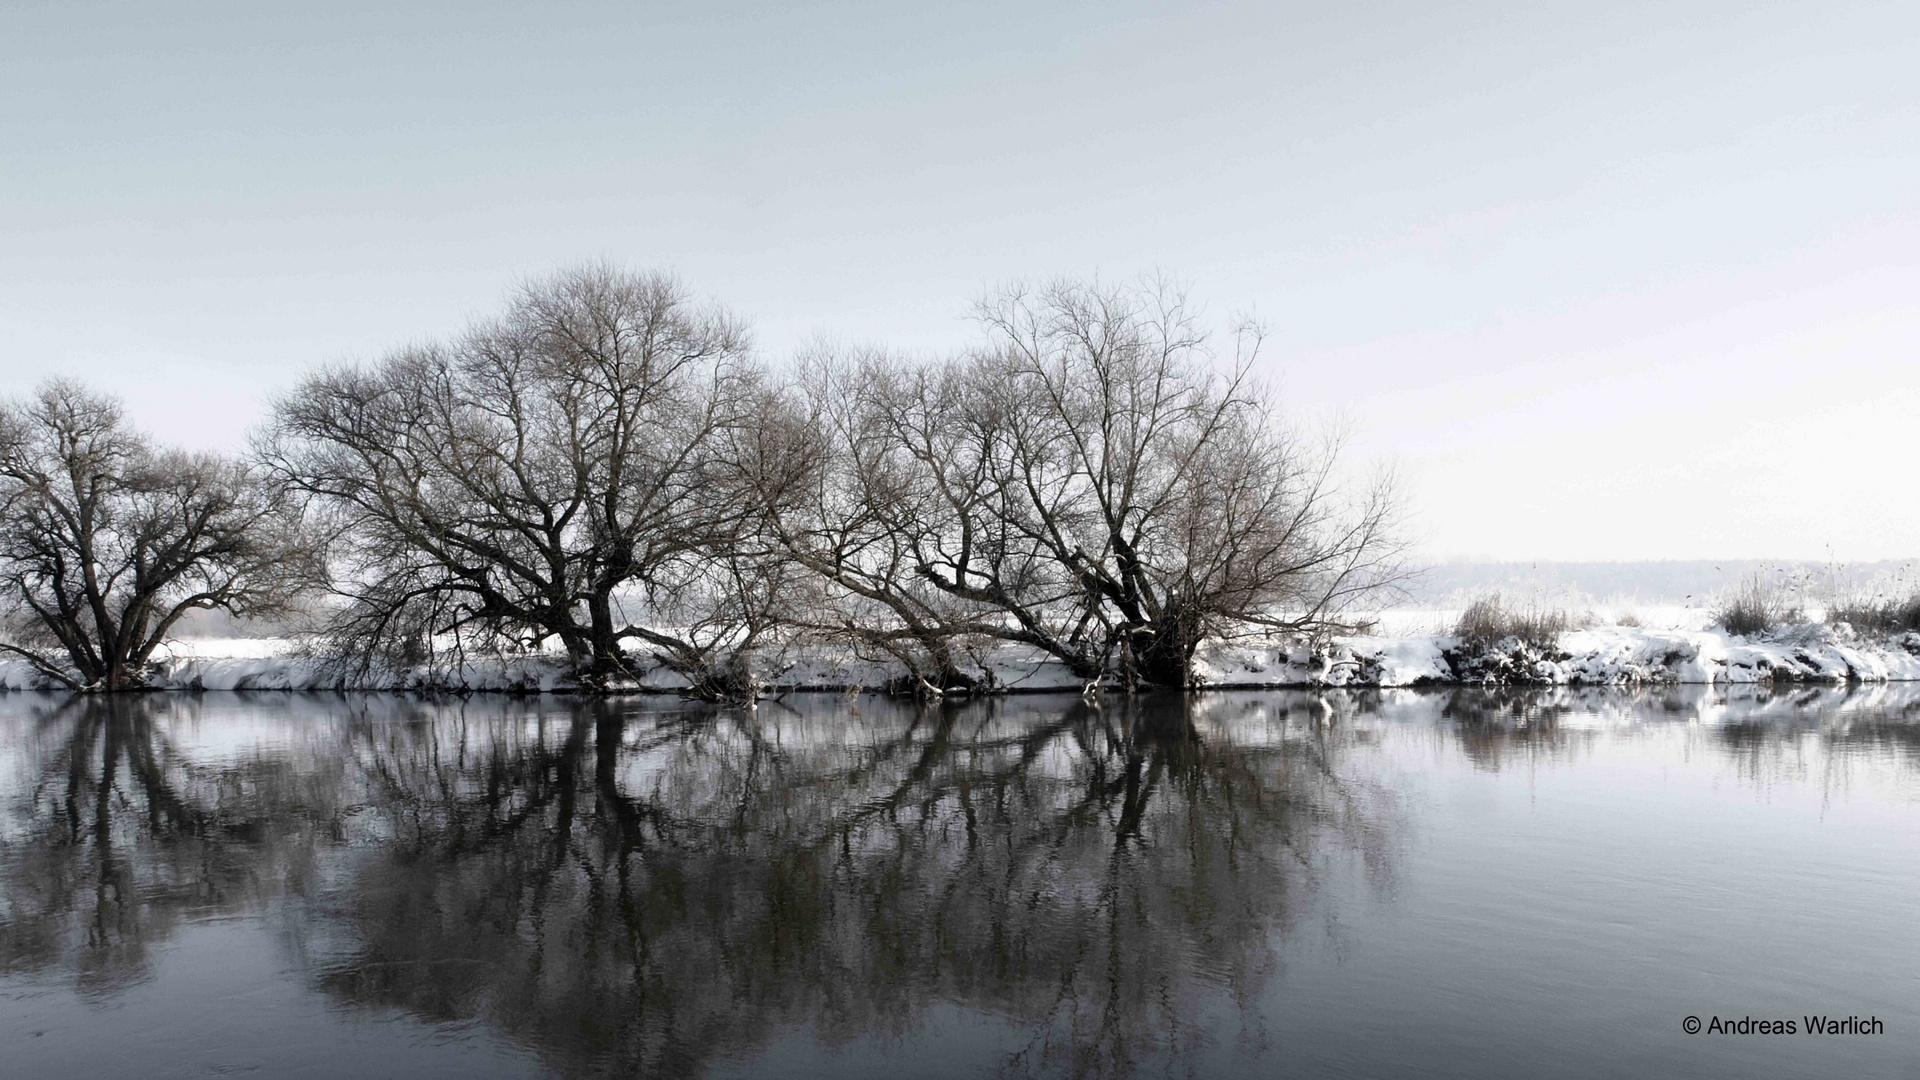 Leine bei Neustadt/Rgbe im Winter